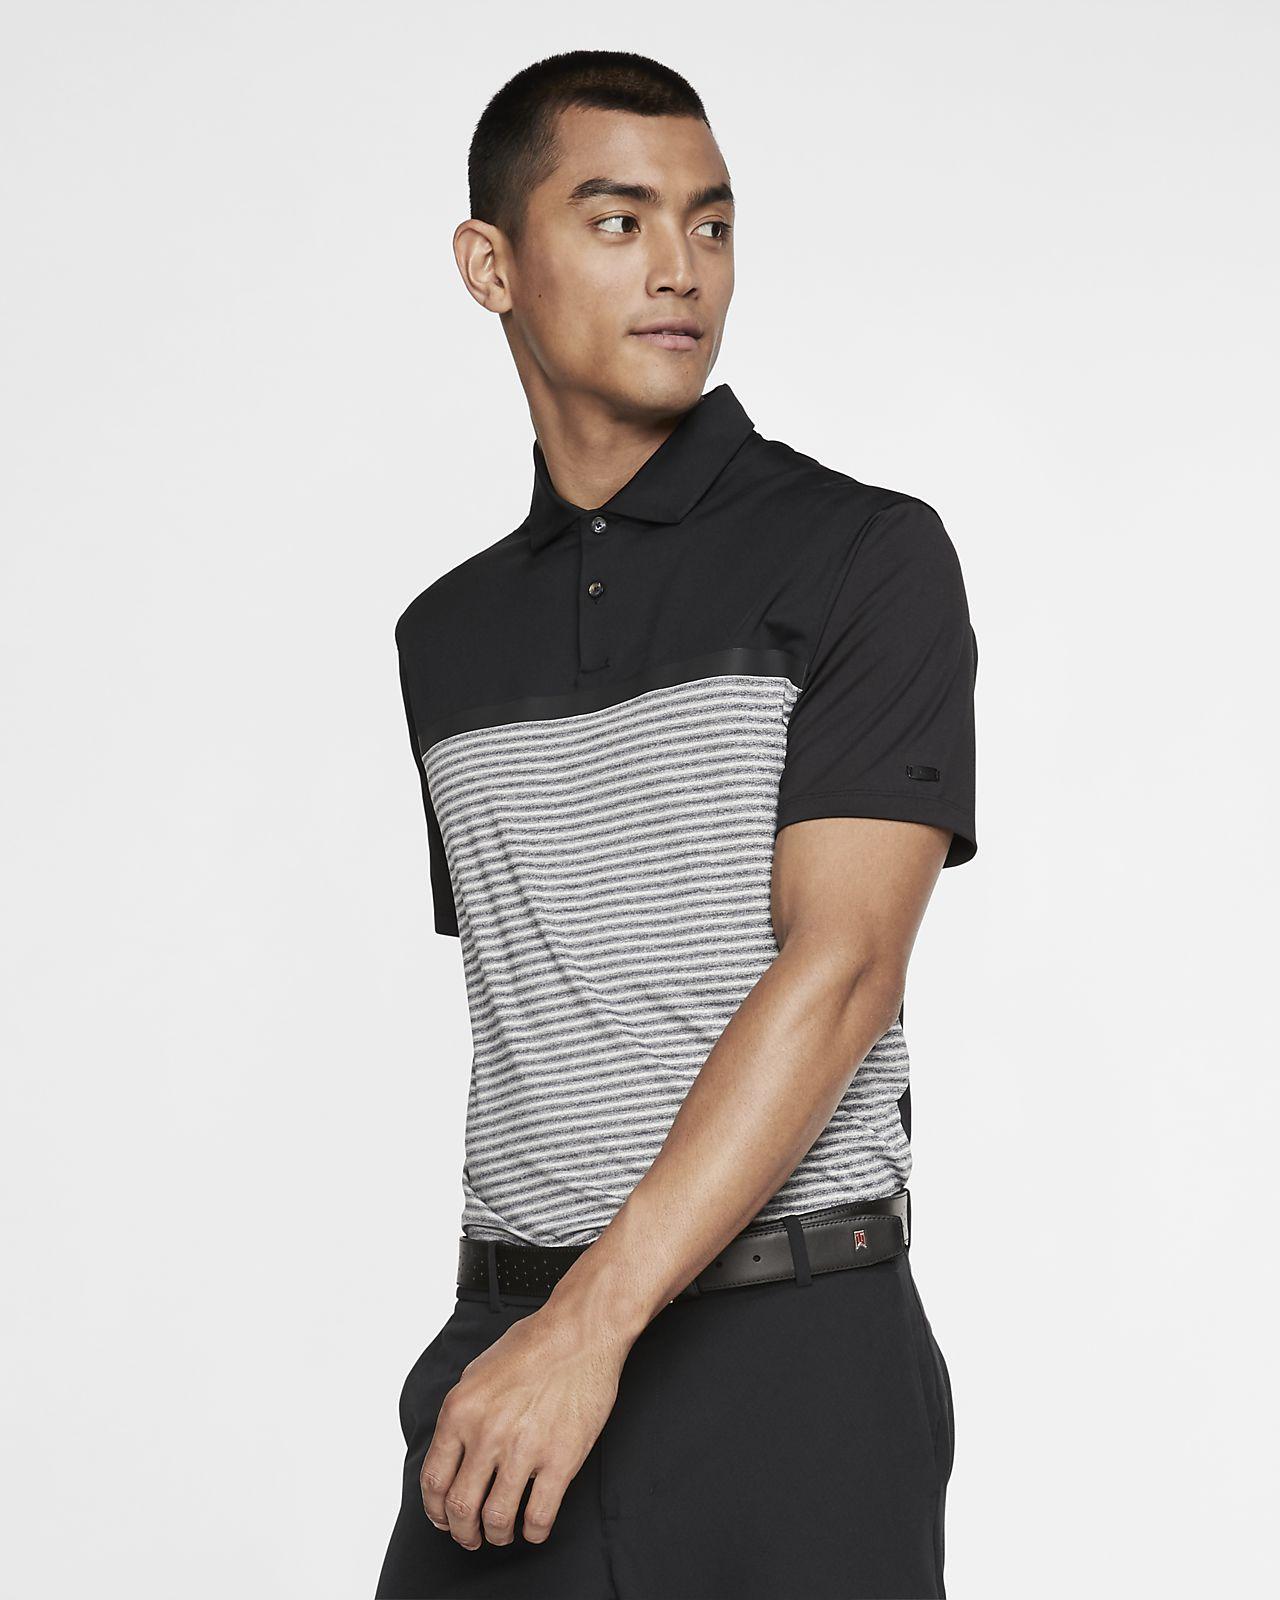 Nike Dri-FIT Tiger Woods Vapor Golfpolo met strepen voor heren